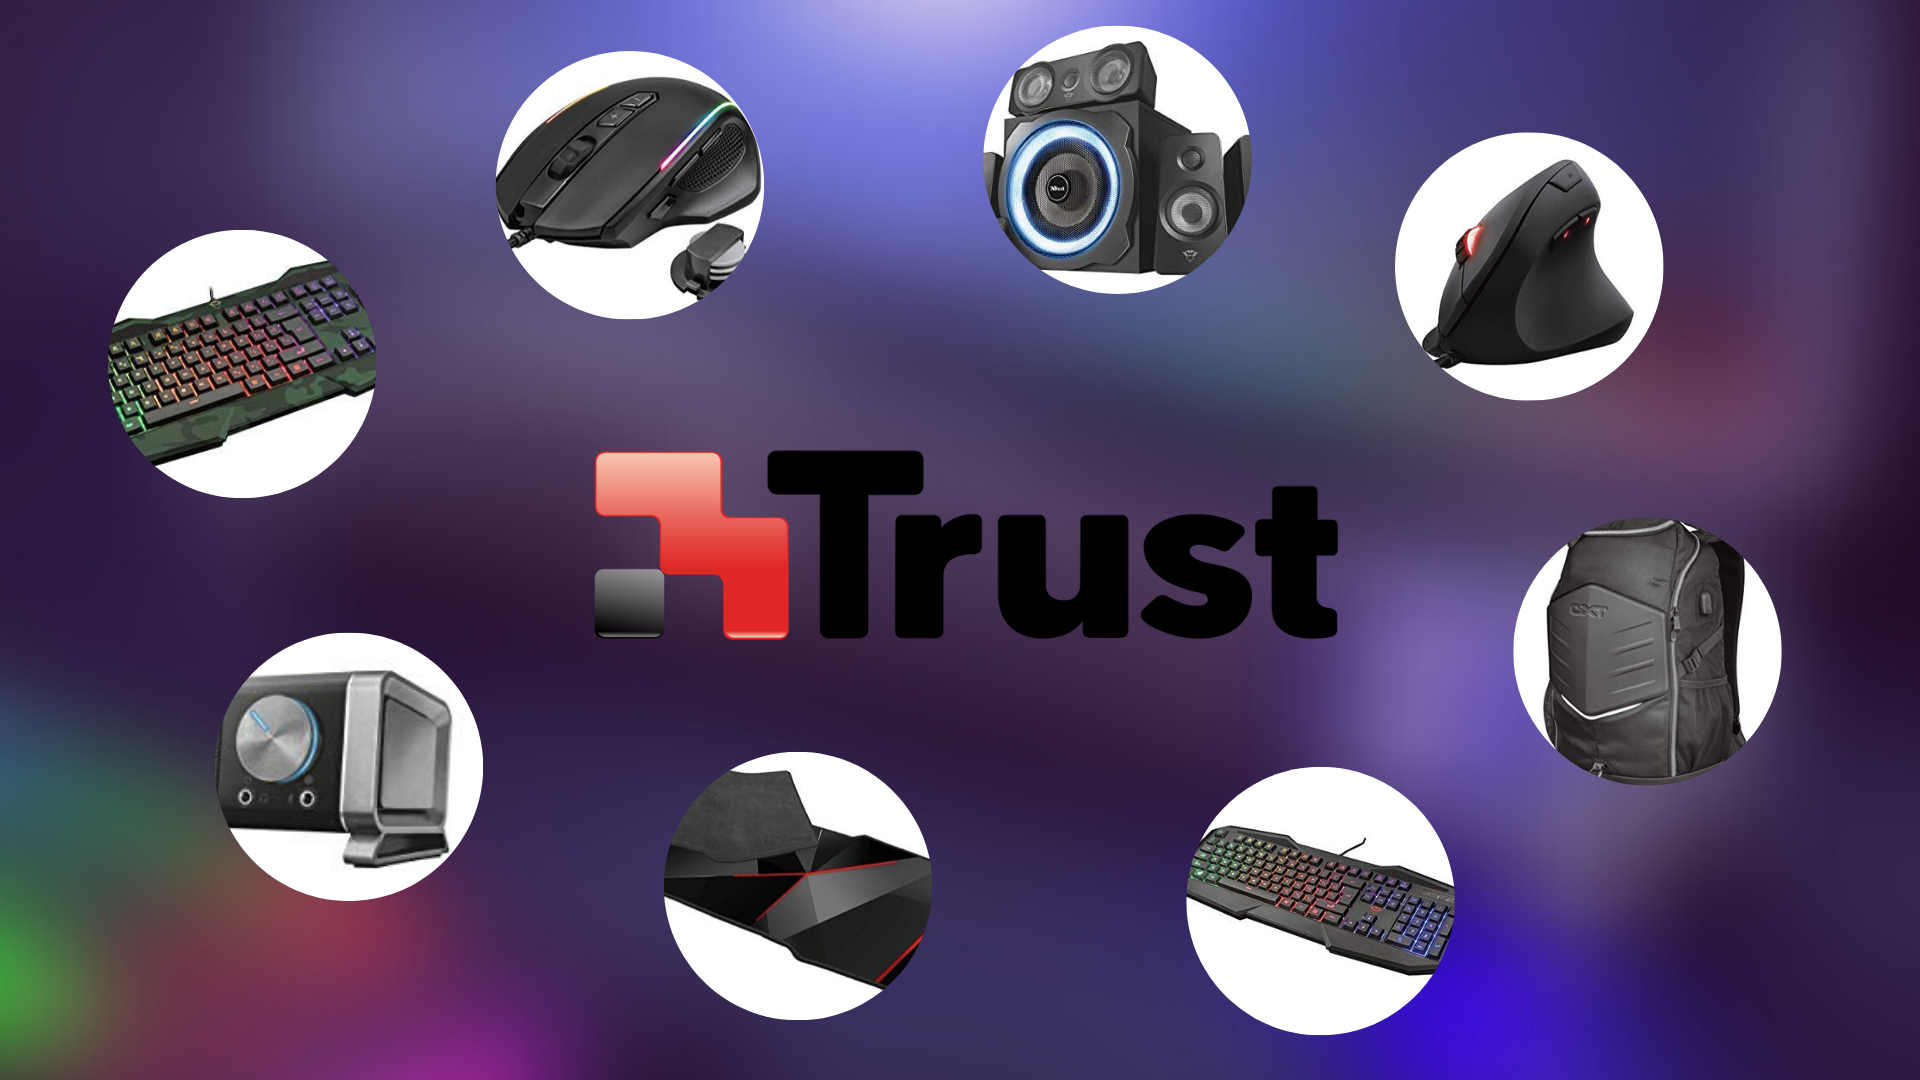 Mouse, tastiere e non solo: 8 prodotti Trust da gaming in offerta per poche ore - image  on https://www.zxbyte.com